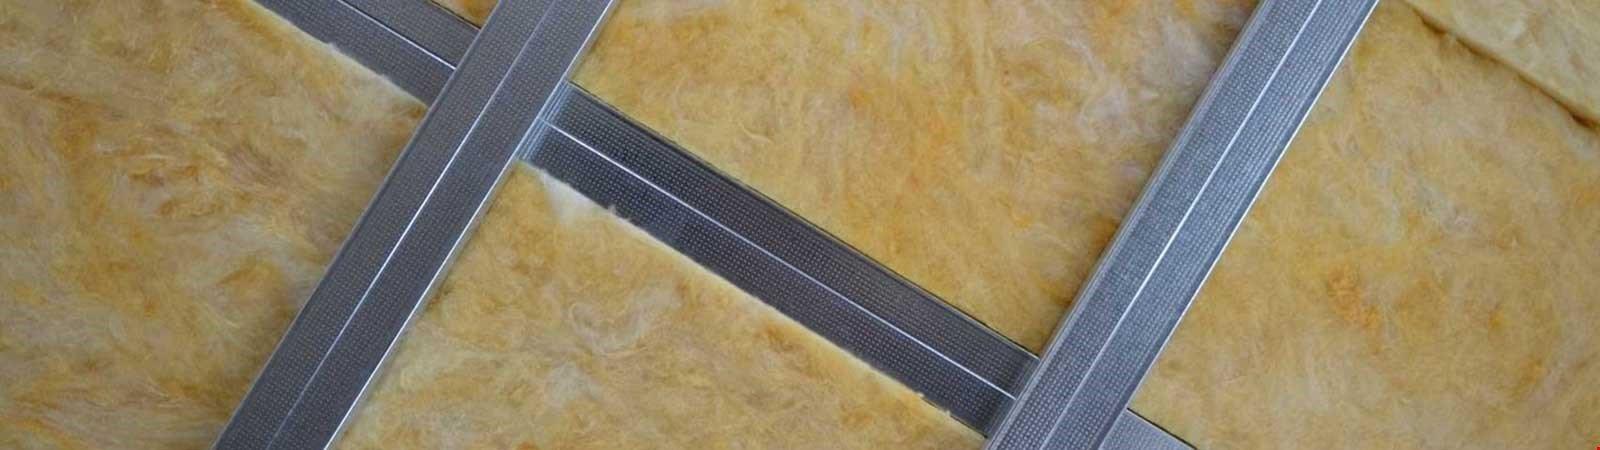 Schallschutz Decke: Mindert Geräuschbelastungen und hebt den Wohnkomfort